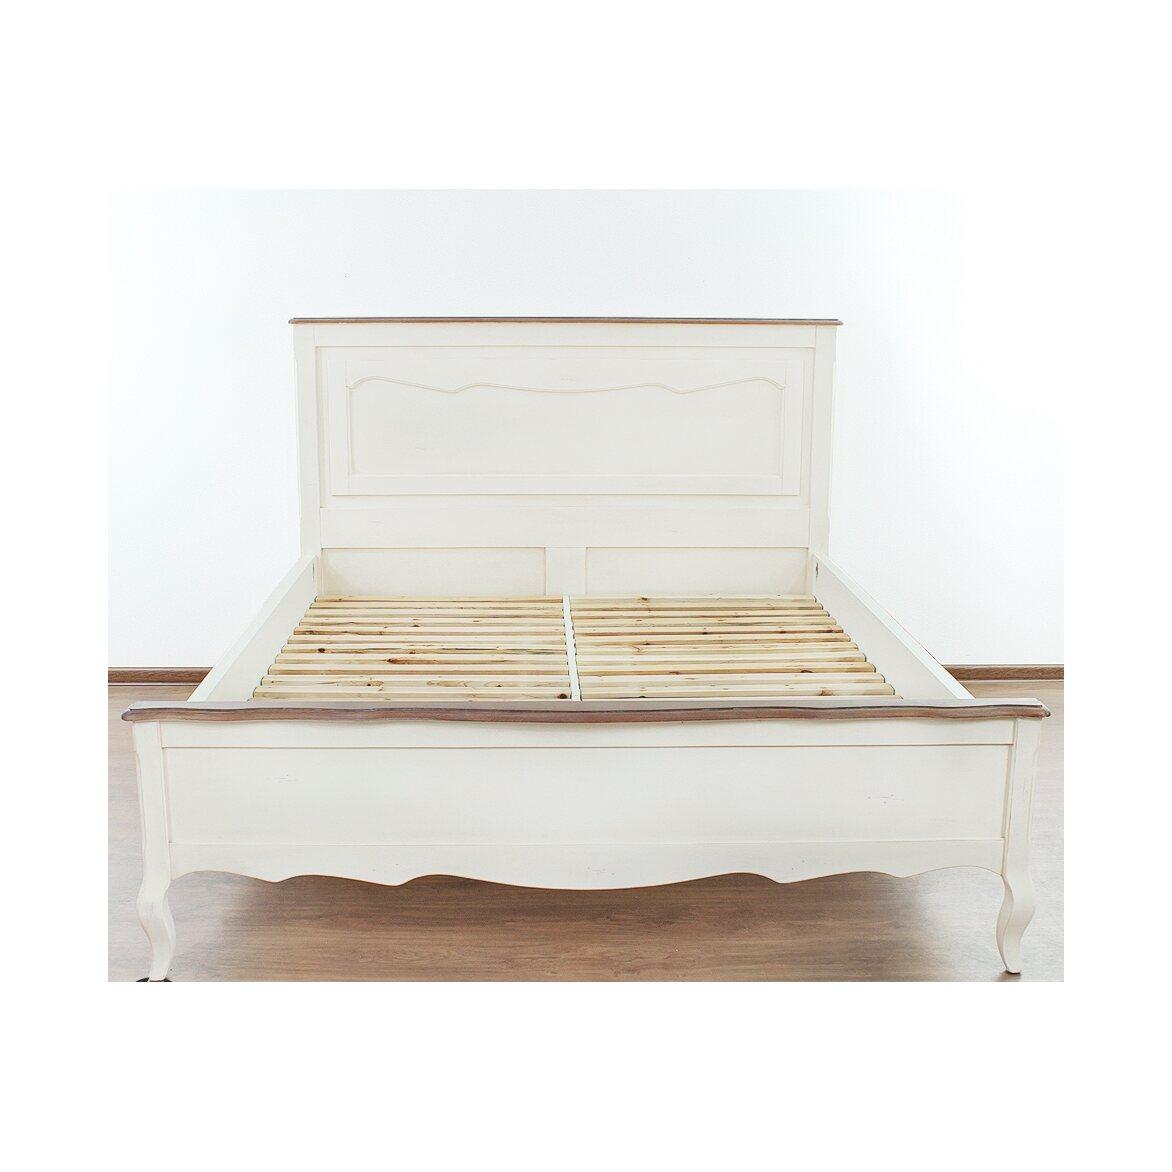 Кровать односпальная 120*200 Leontina, бежевого цвета | Односпальные кровати Kingsby